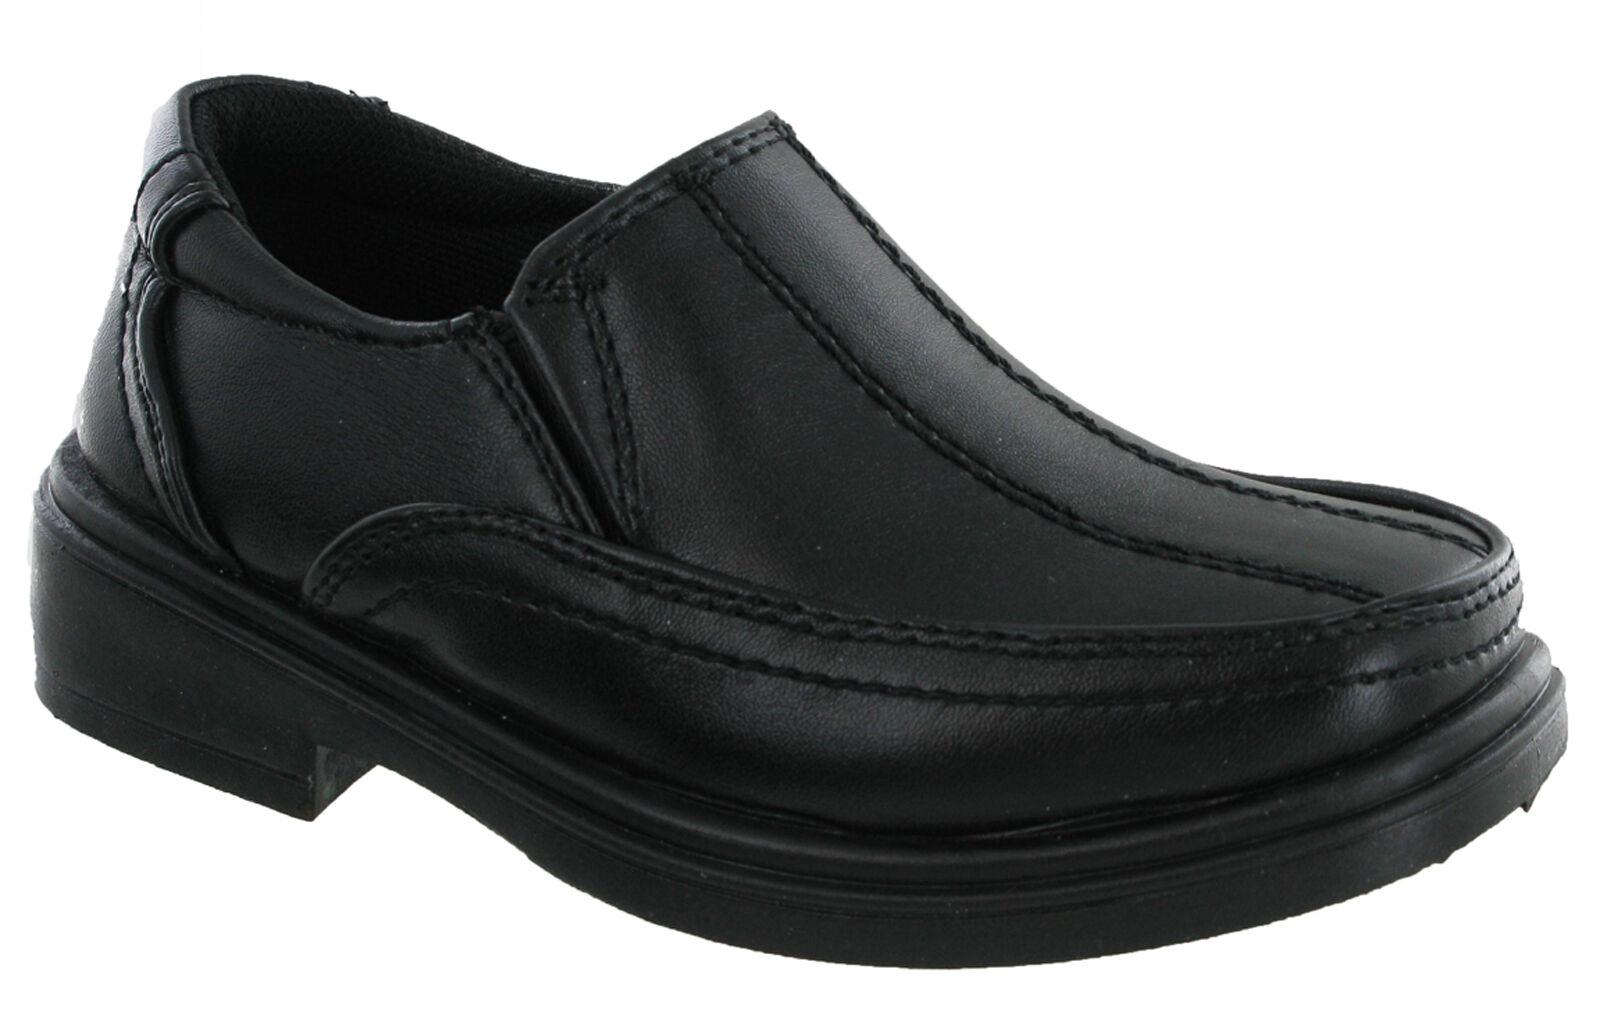 faa143d5e83d4 U. s ottone scuola nero Smart formale Casual Slip On ragazzi scarpe per  bambini